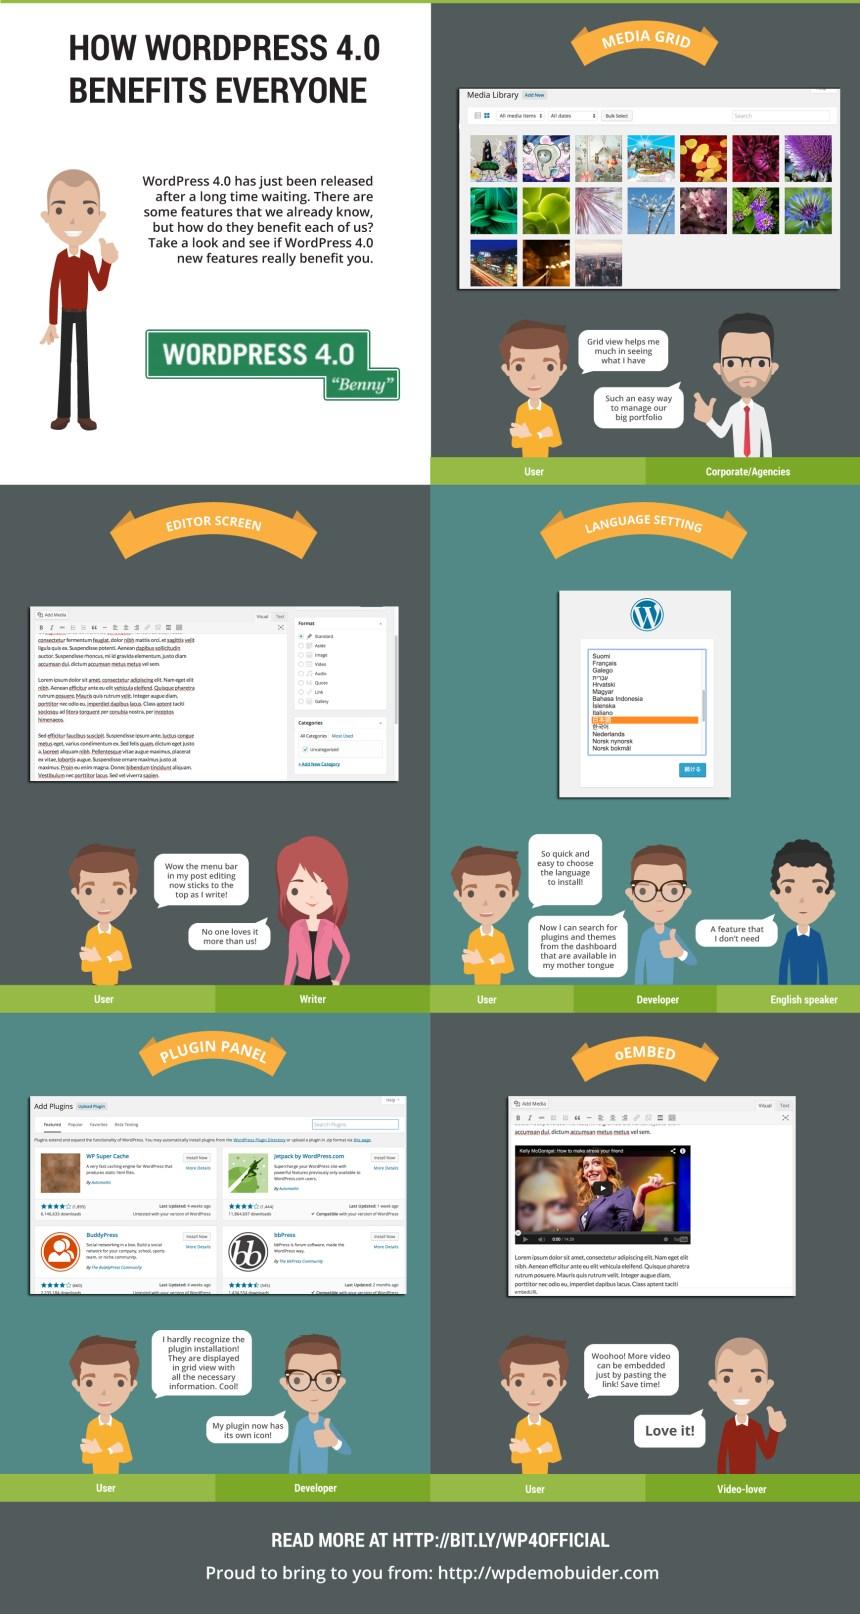 Cómo WordPress 4.0 beneficia a todos